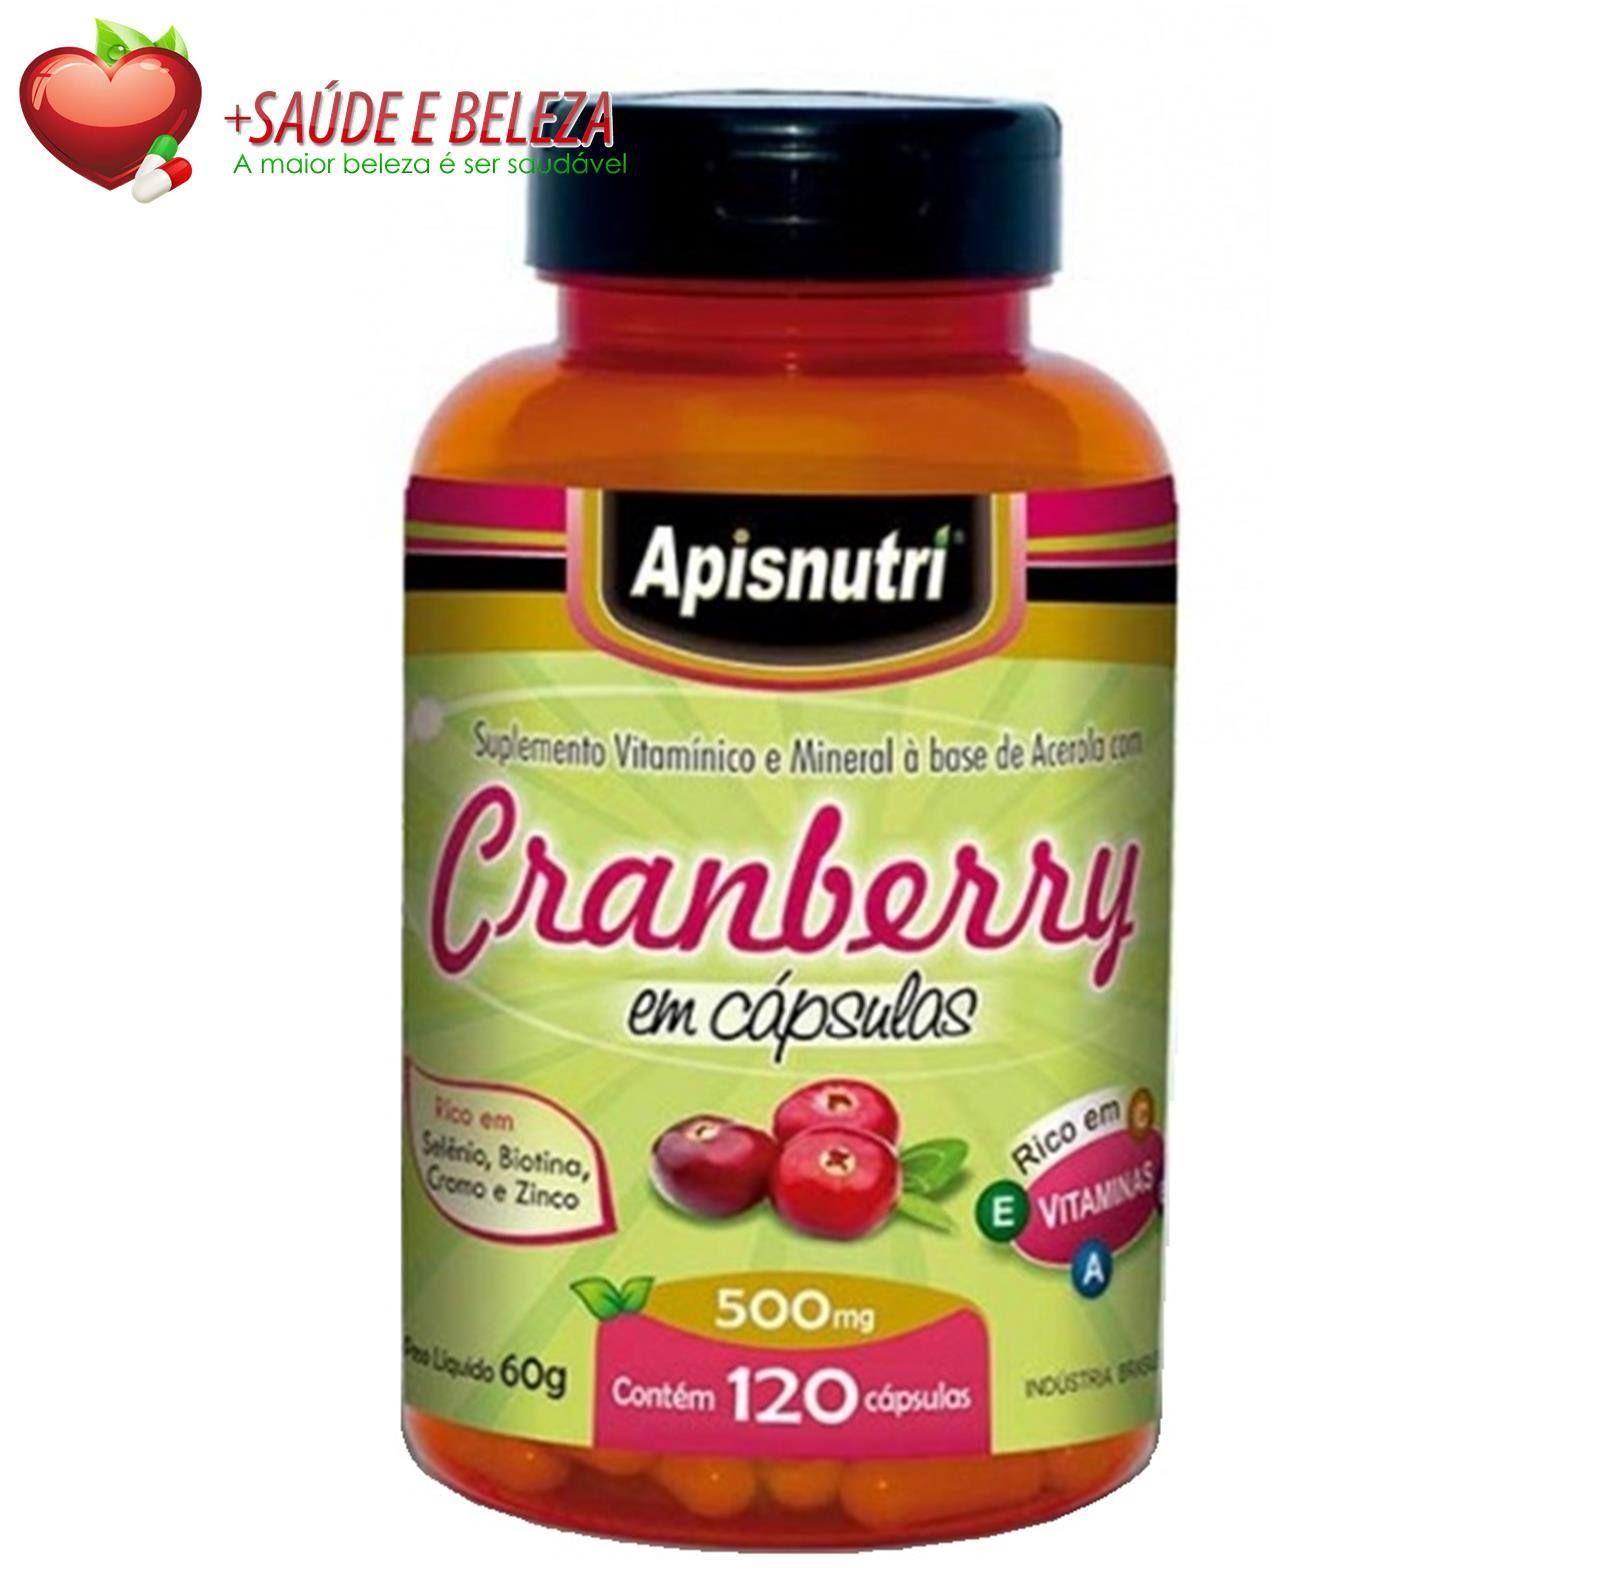 Cranberry tem como uma de suas principais características a ação antioxidante neutralizando os prejudiciais radicais livres protegendo assim nosso organismo.  Alem de tudo isso o Cranberry e extremamente rico em fibras, manganês e vitaminas C, K e E. http://www.maissaudeebeleza.com.br/p/373/cranberry-apisnutri-500mg-c120-capsulas?utm_source=google+&utm_medium=link&utm_campaign=cramberry&utm_content=post